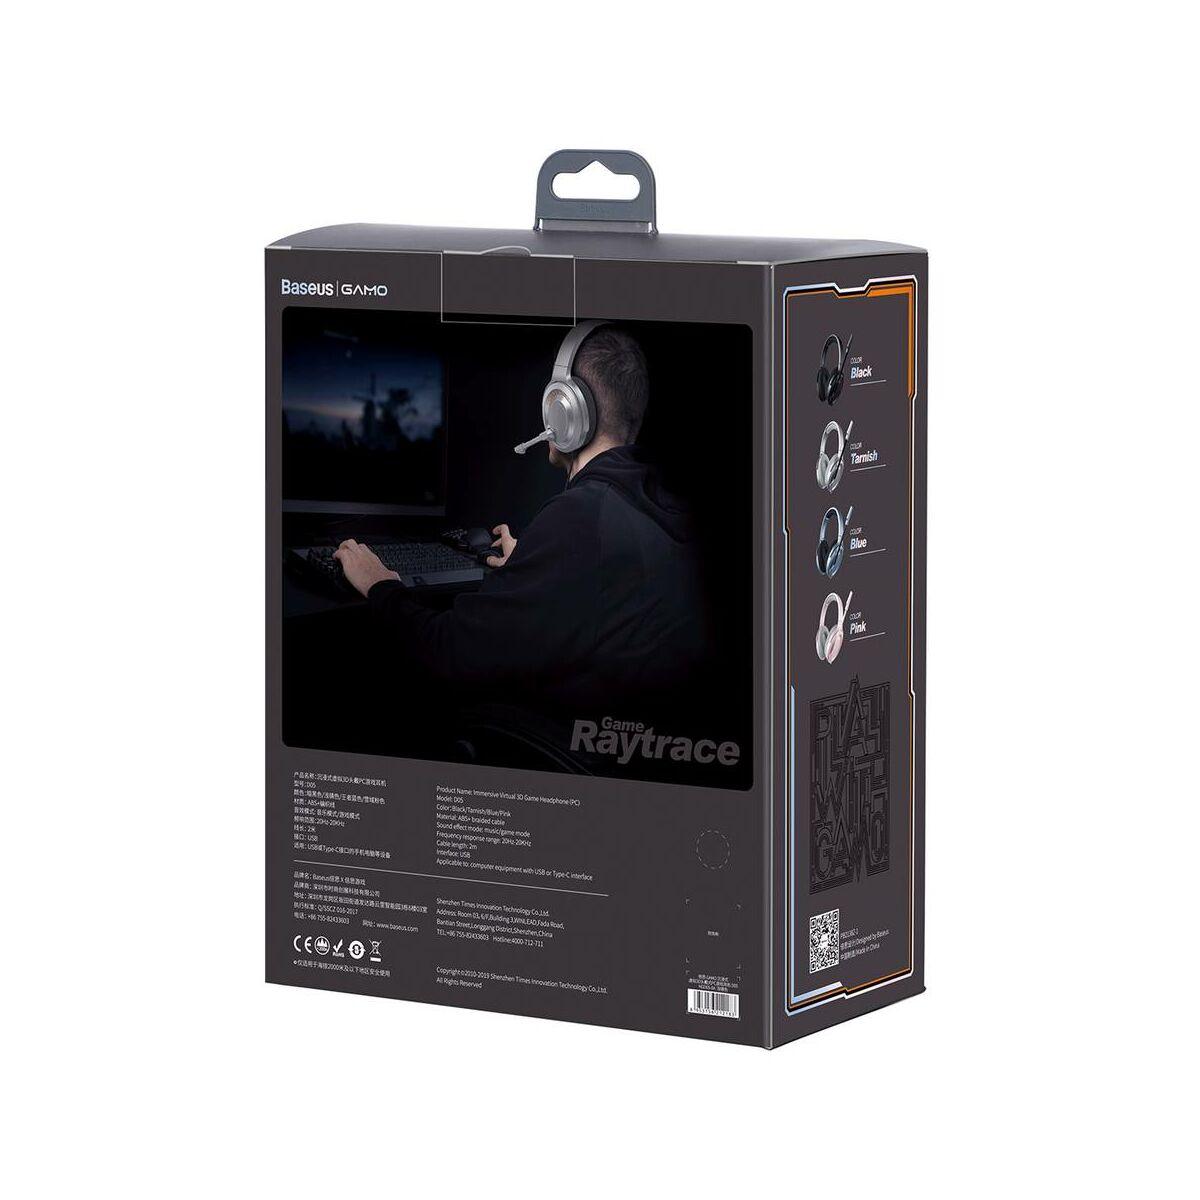 Baseus fejhallgató, Bluetooth GAMO D05 Immersive Virtual 3D Gamereknek, számítógépes játékokhoz, (PC), Barna (NGD05-0A)